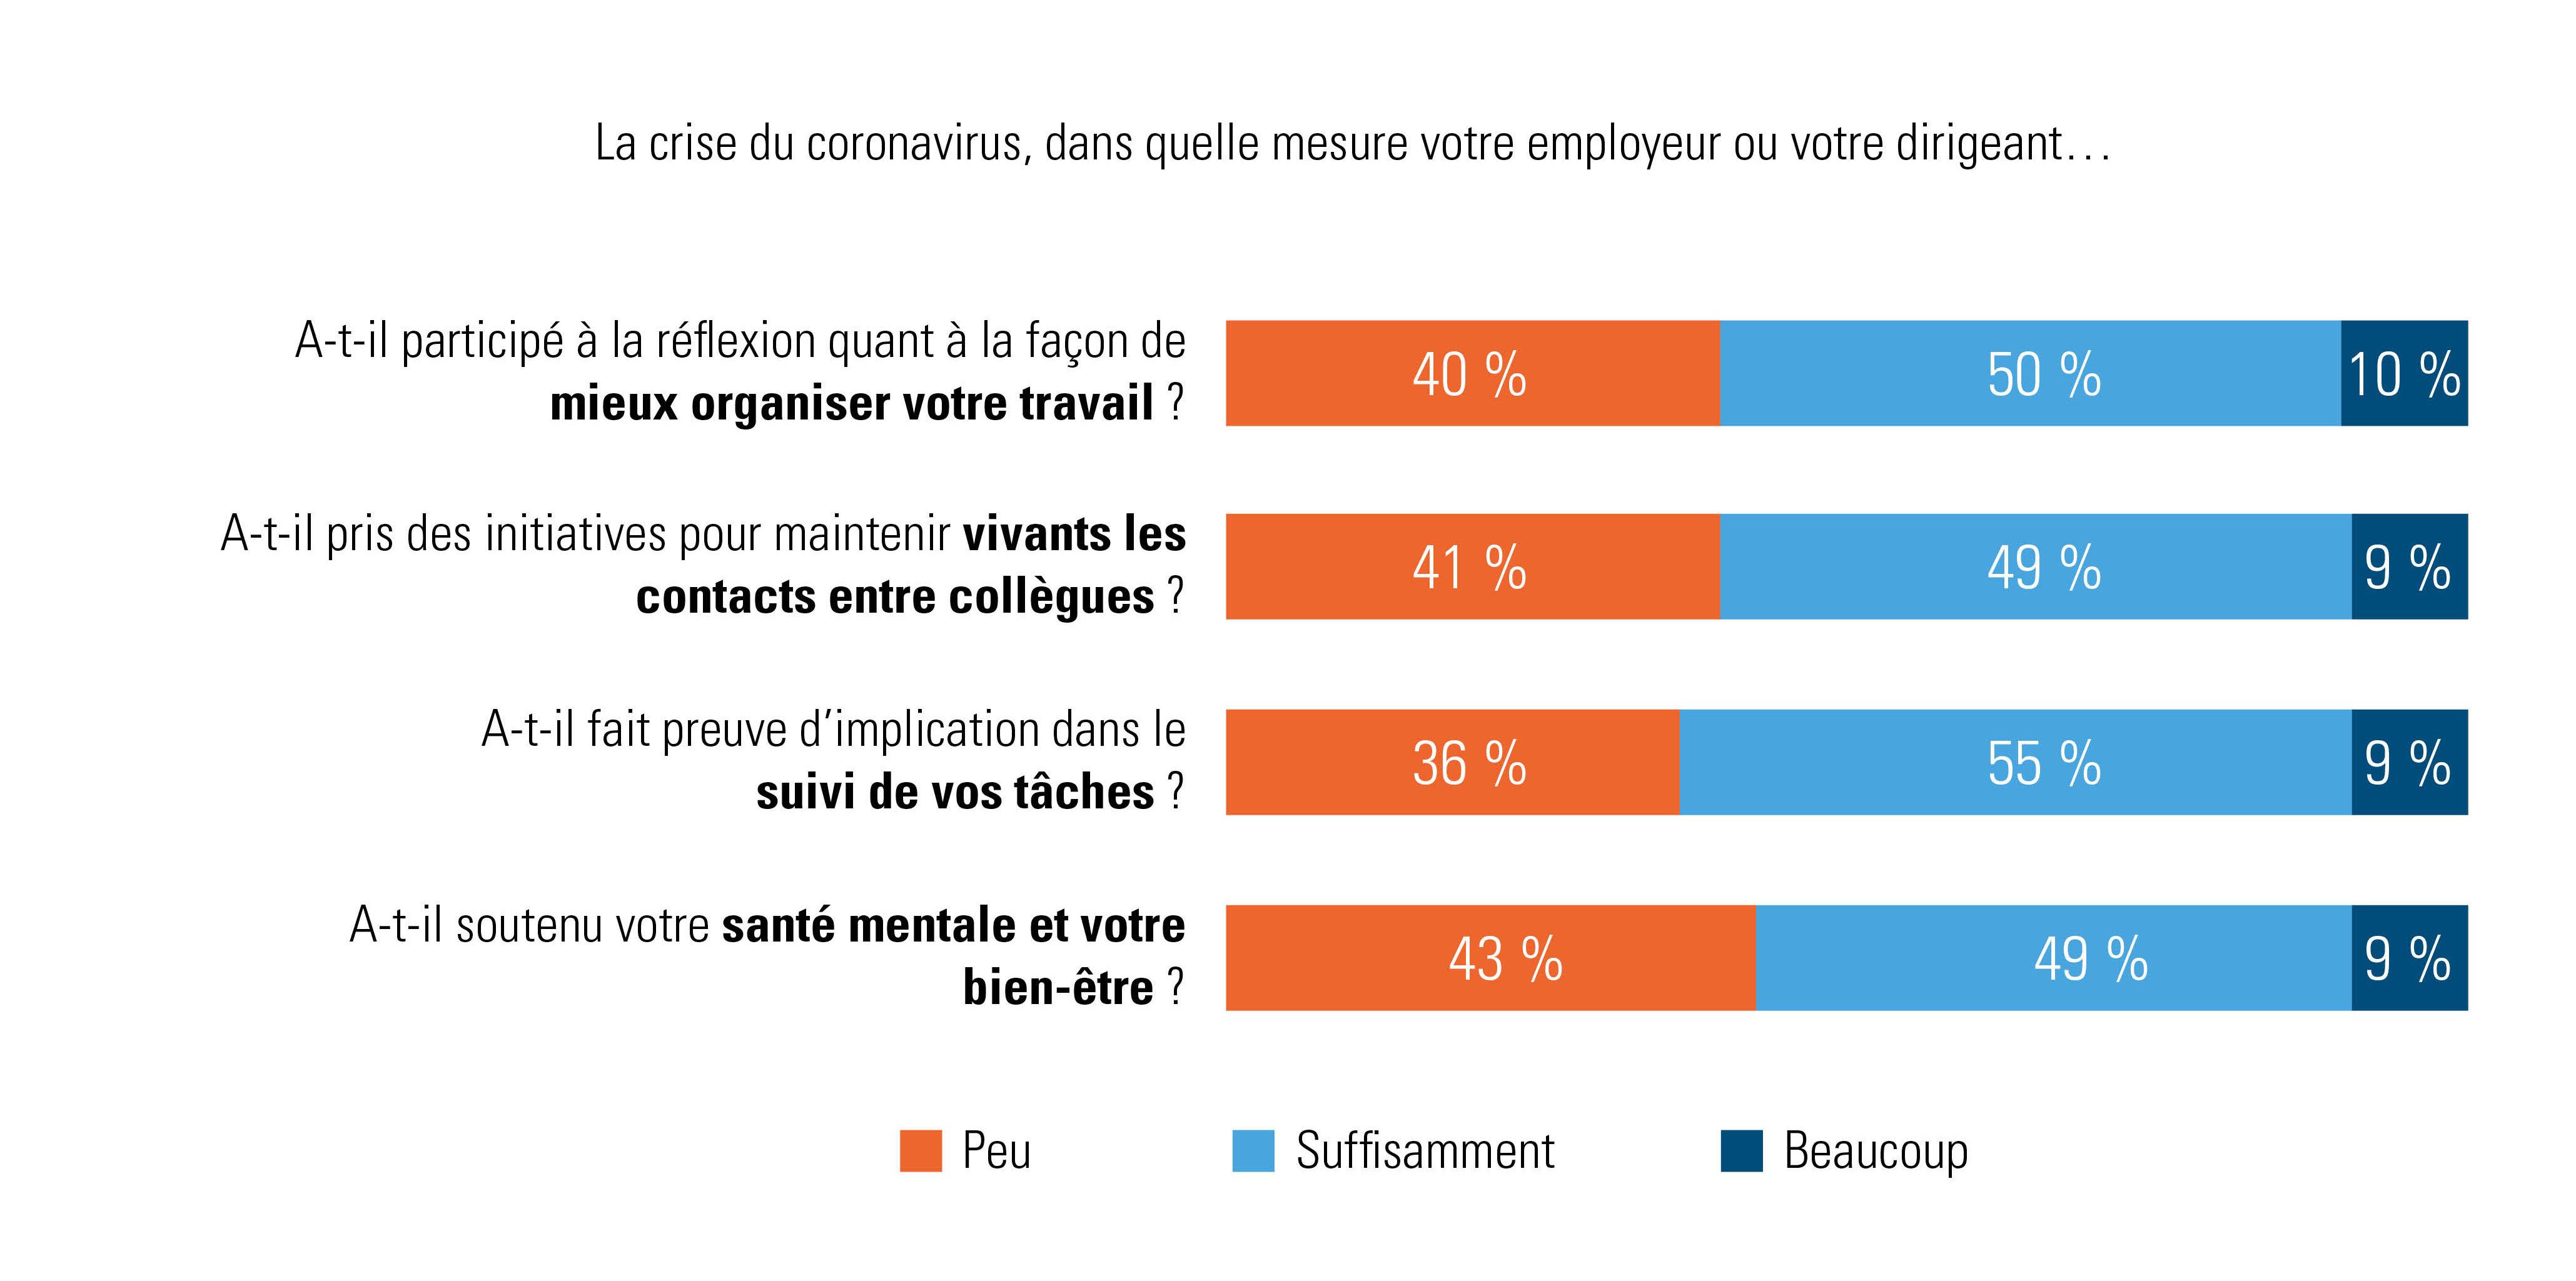 Que disent les travailleurs sur le soutien de leur employeur/dirigeant?